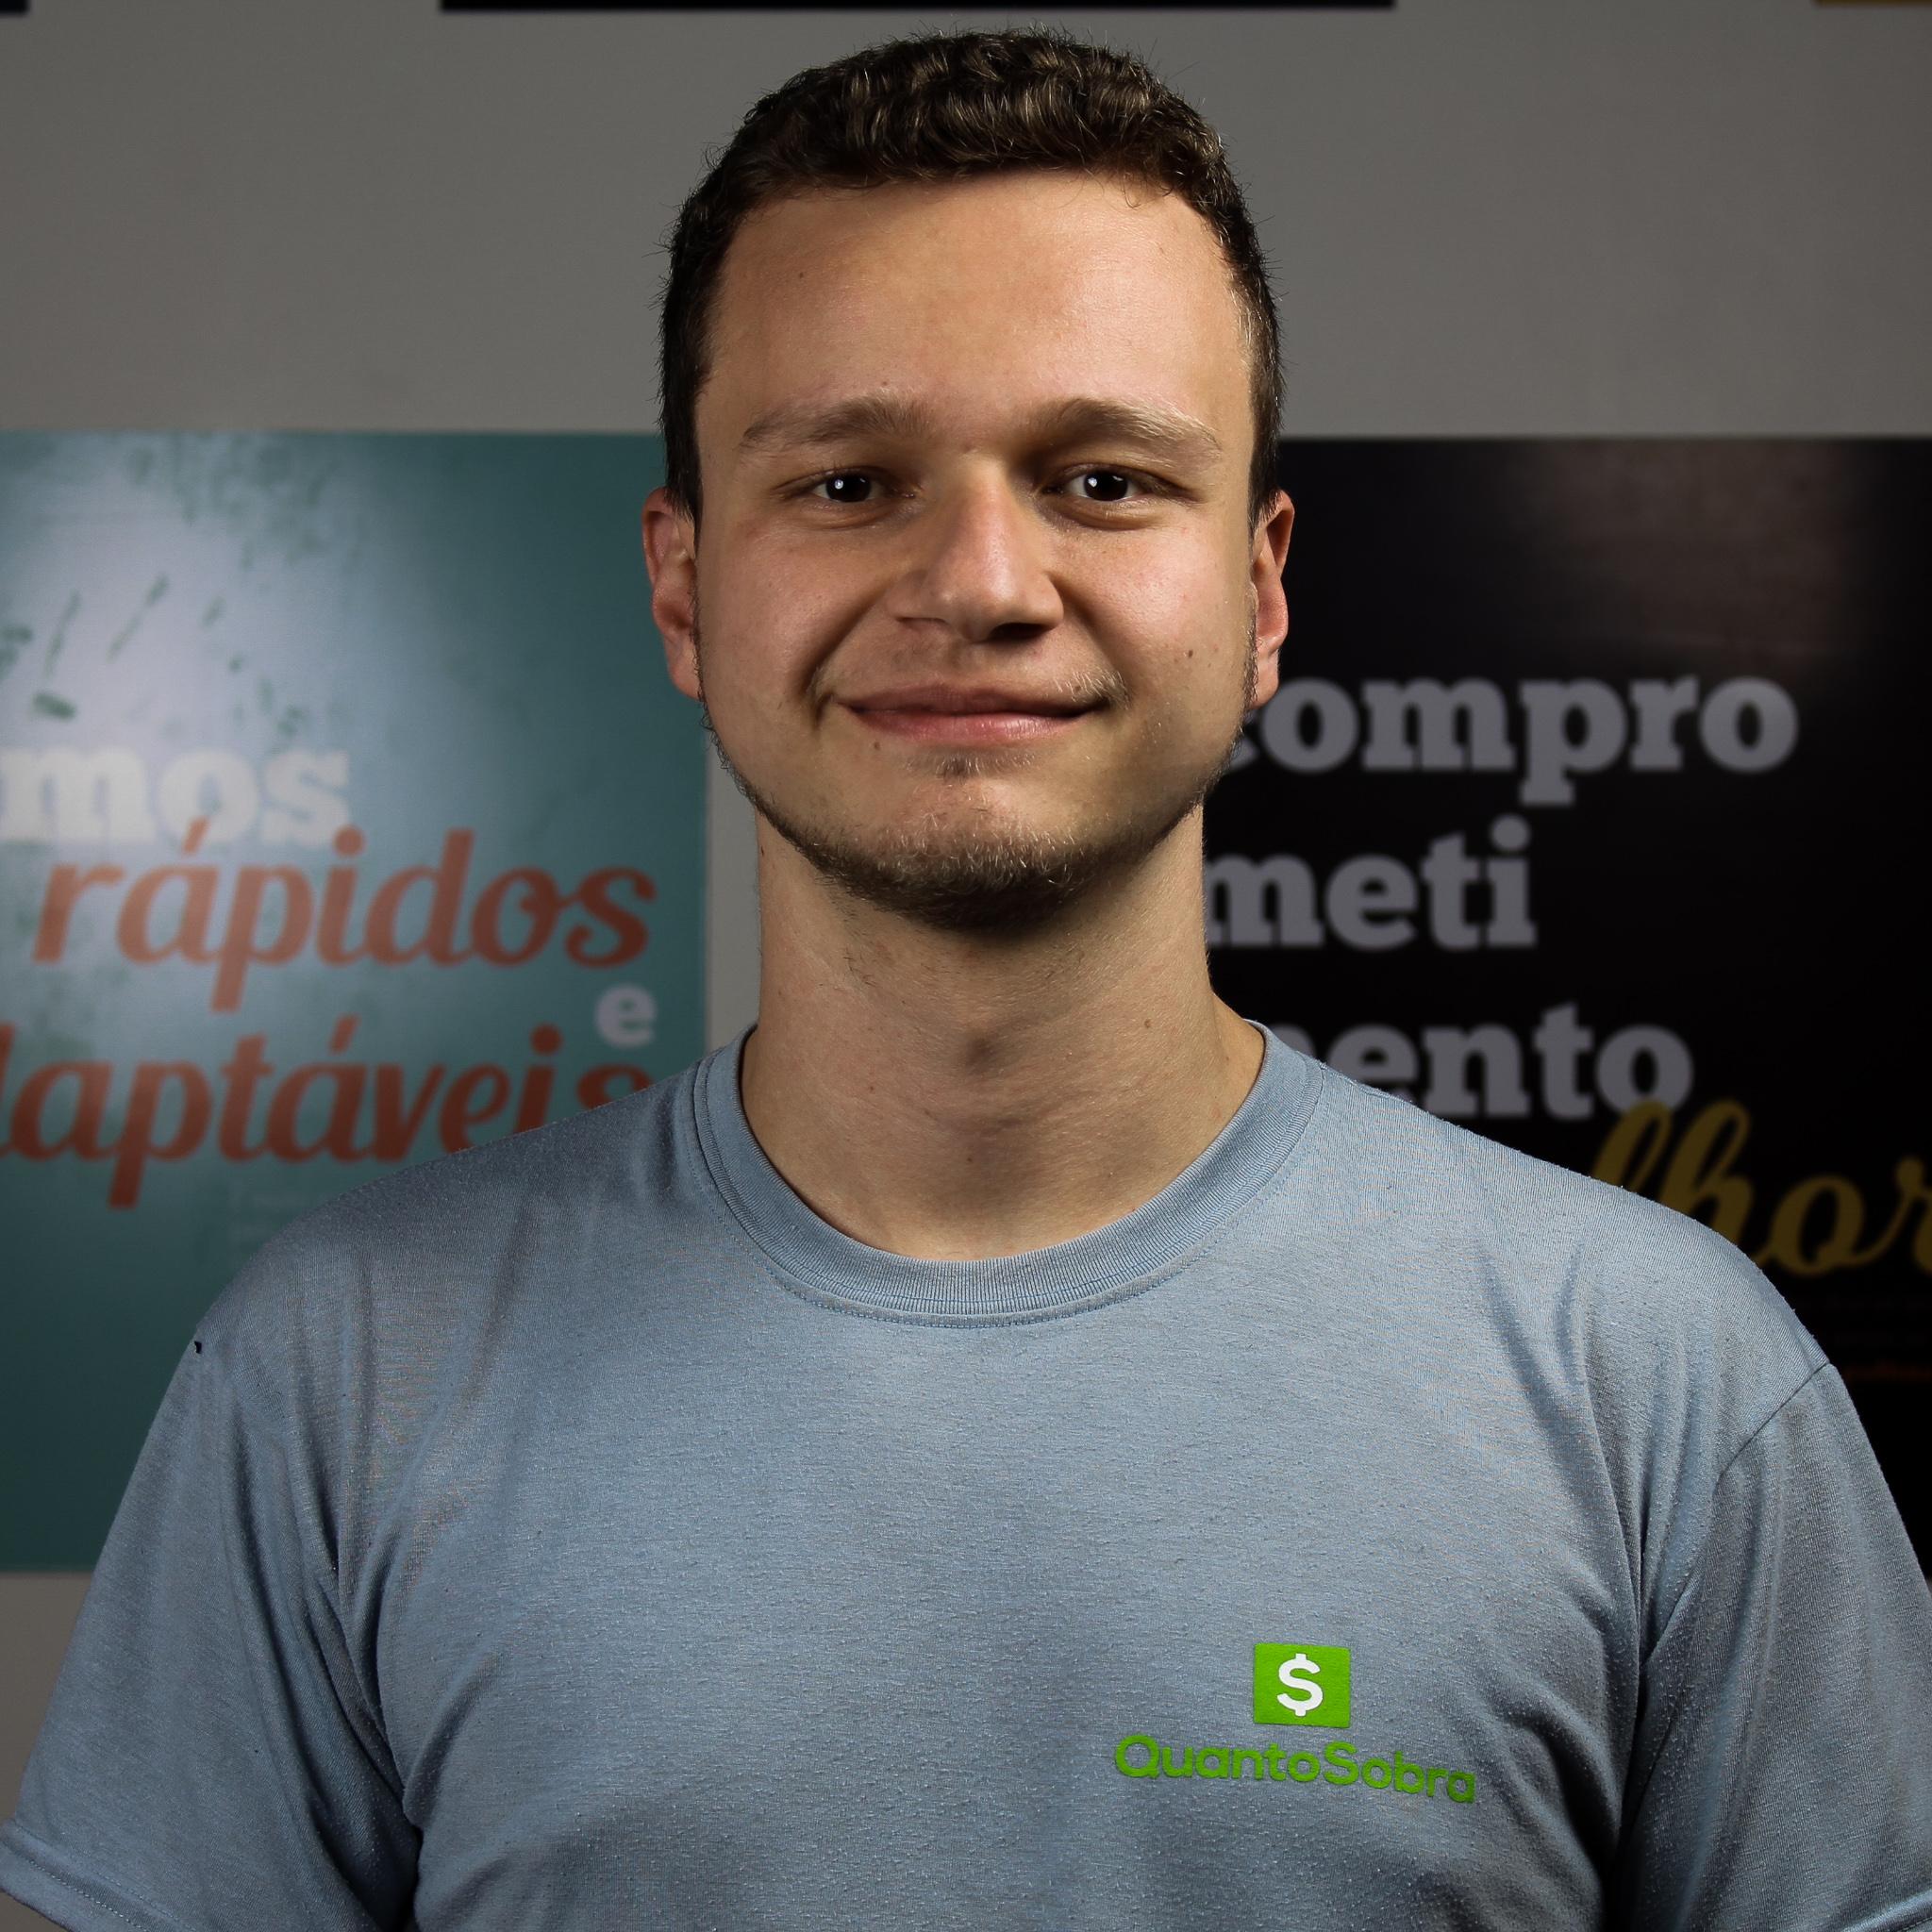 Guilherme Hirsch